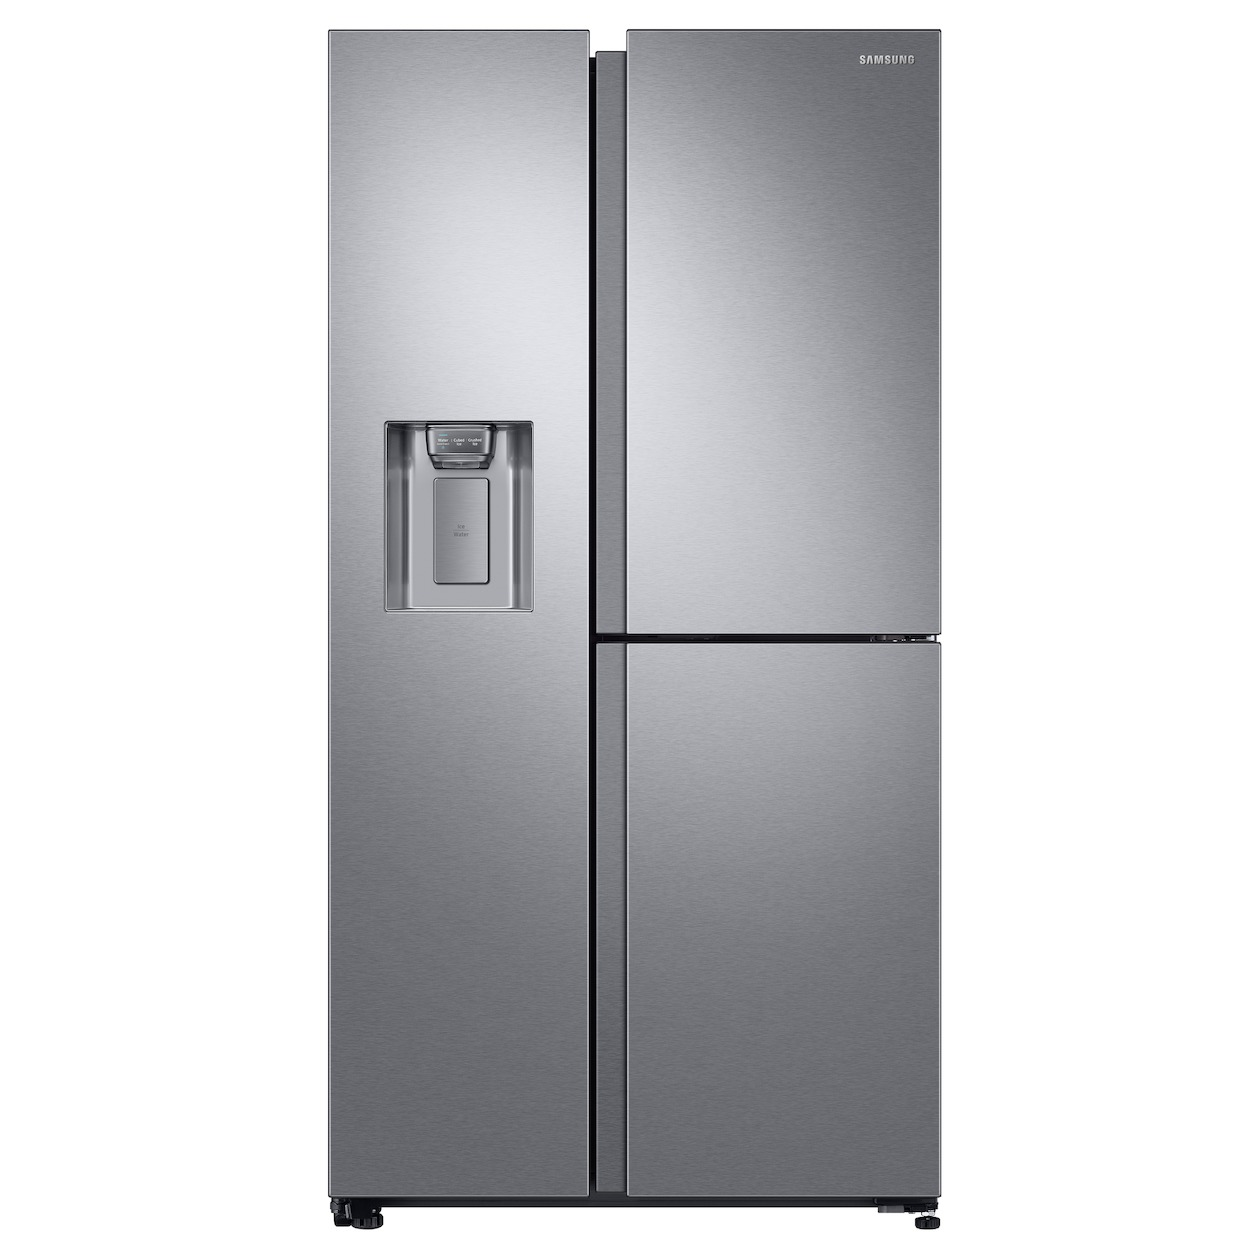 Samsung amerikaanse koelkast RS68N8661SL - Prijsvergelijk